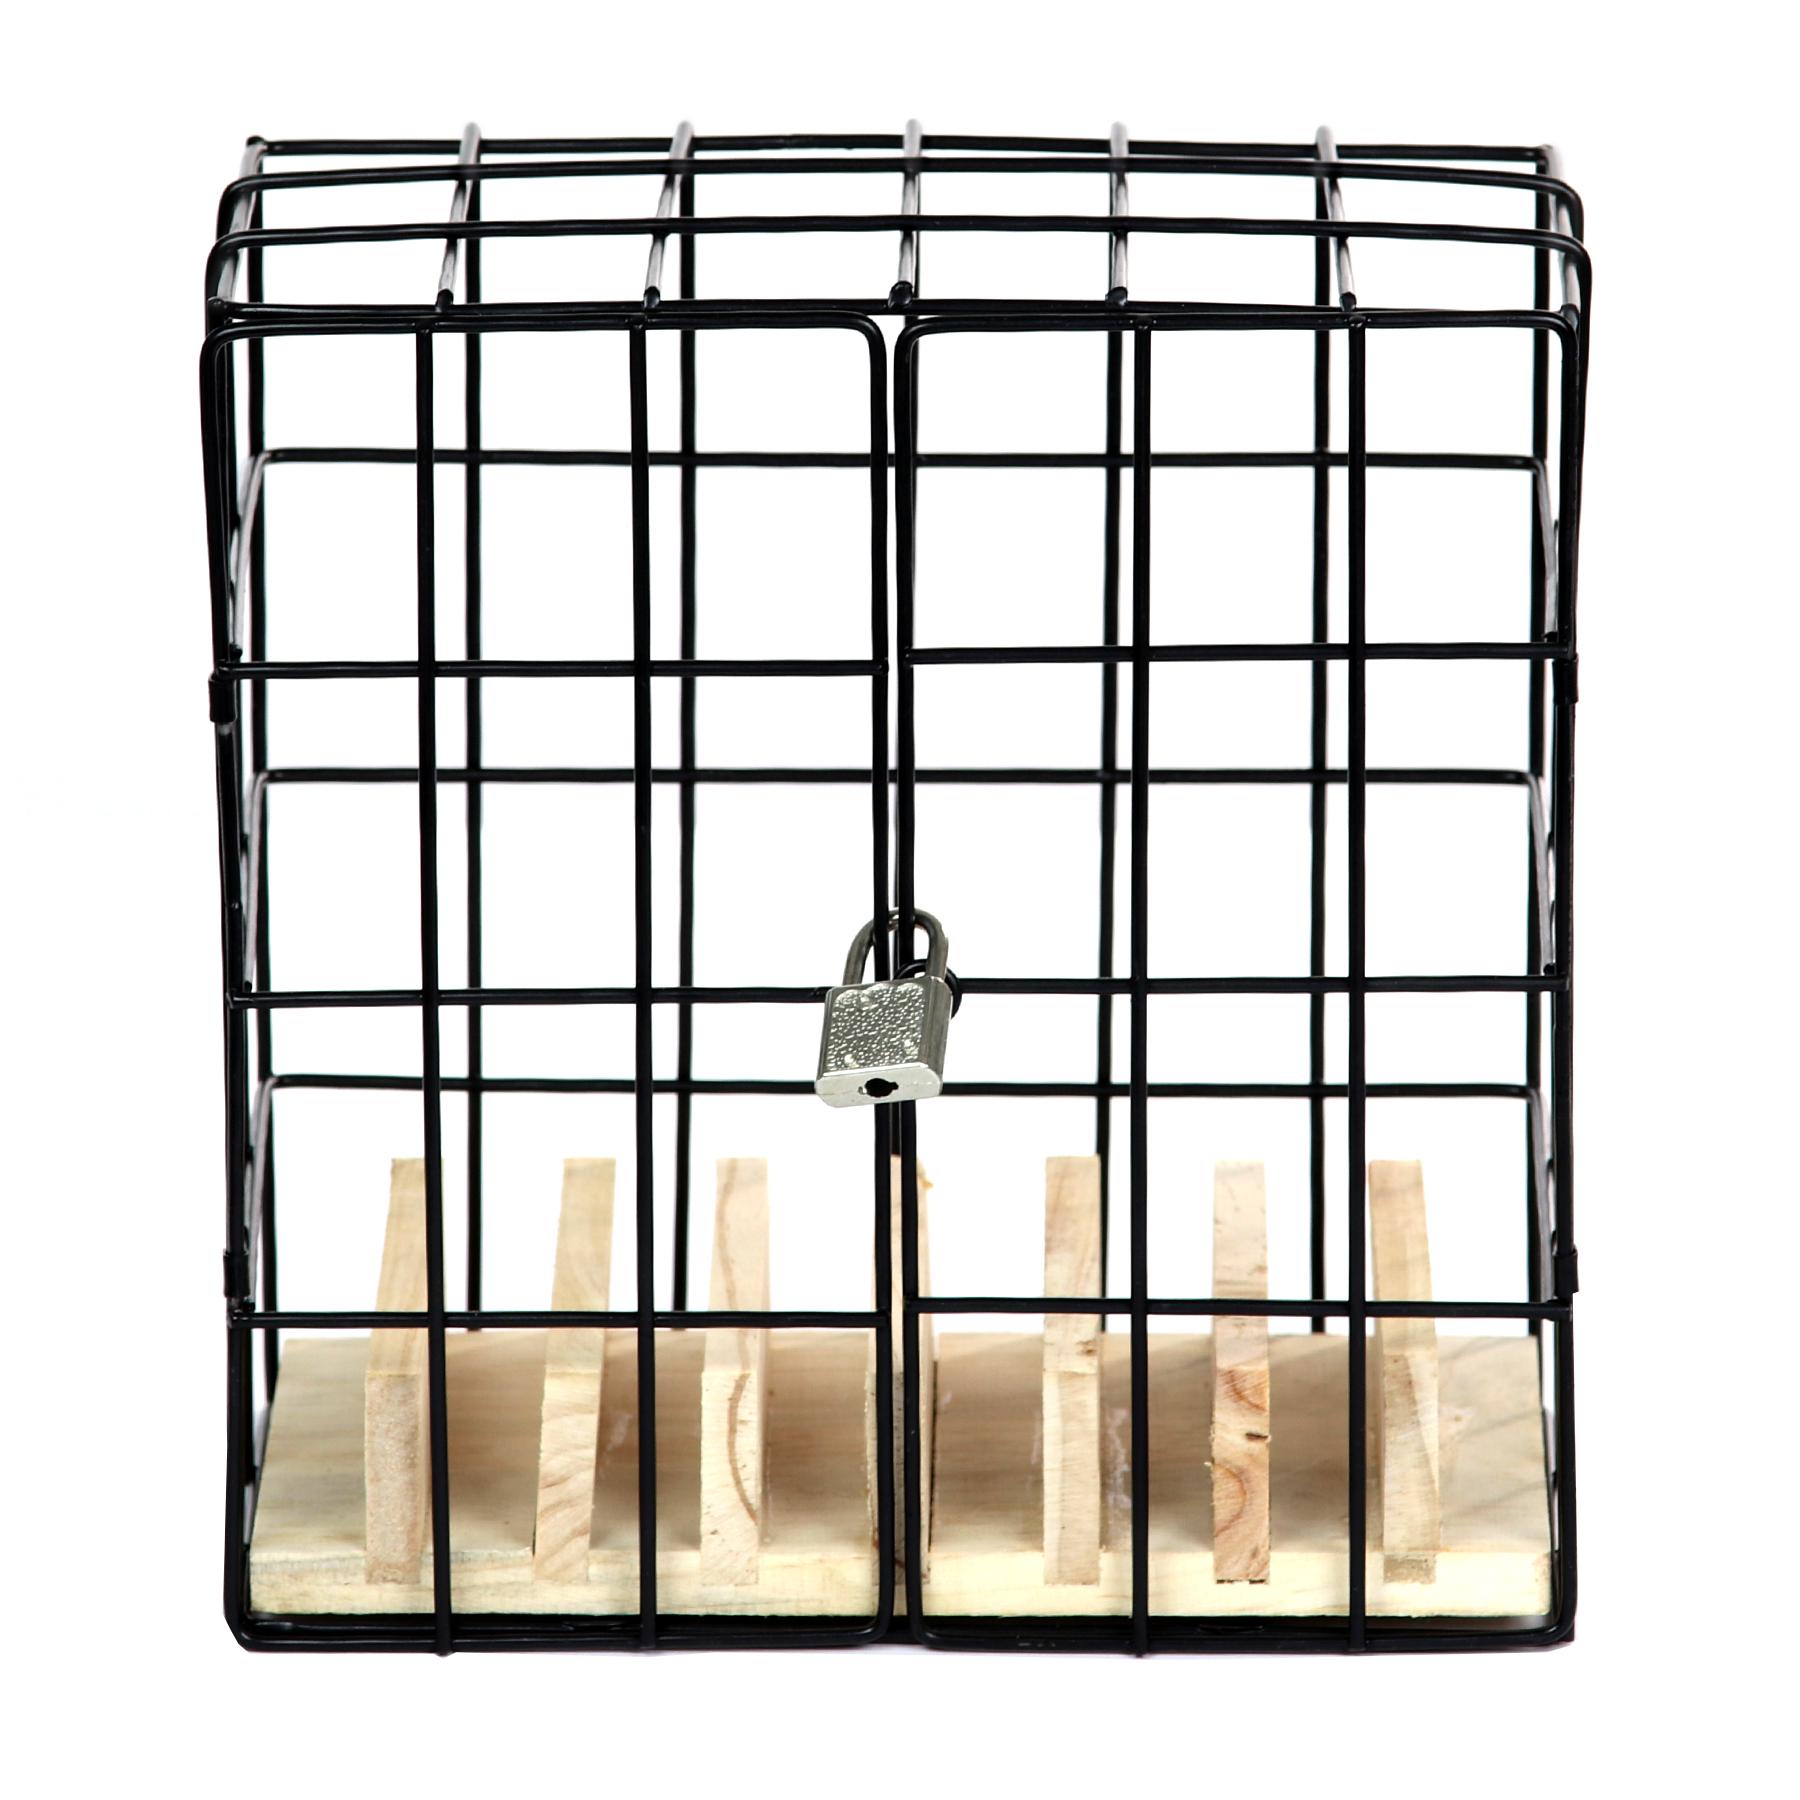 Digital Detox - Handy Gefängnis